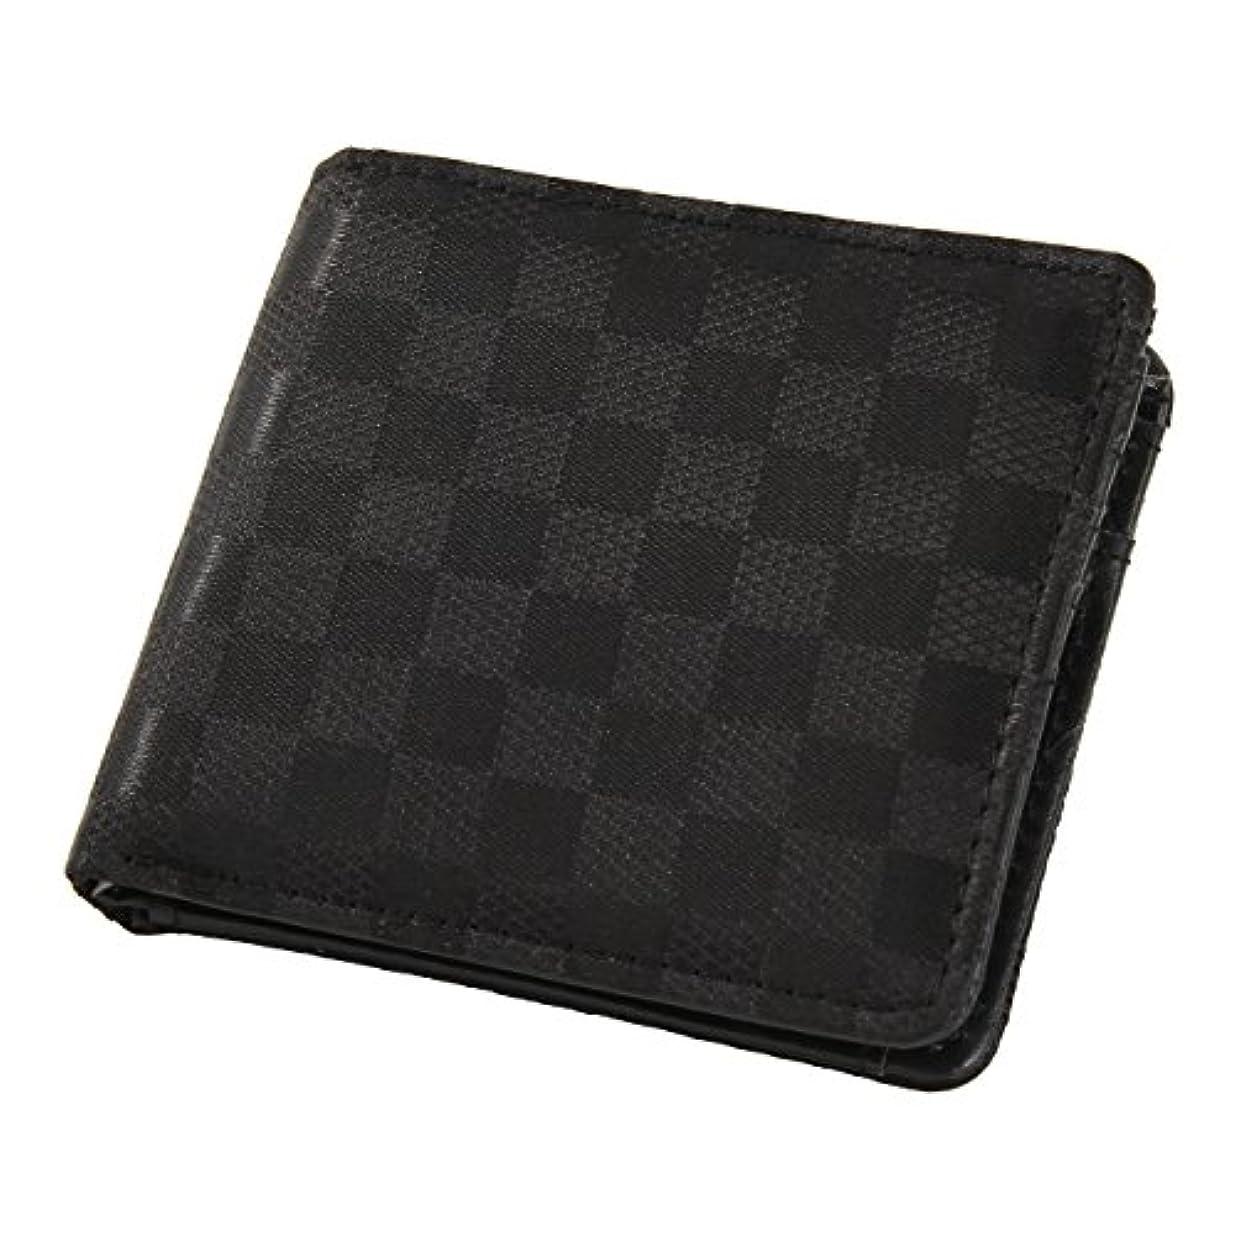 化石リクルートステープルJOKnet 財布 メンズ 二つ折り財布 ジャガード柄二つ折り財布 サイフ